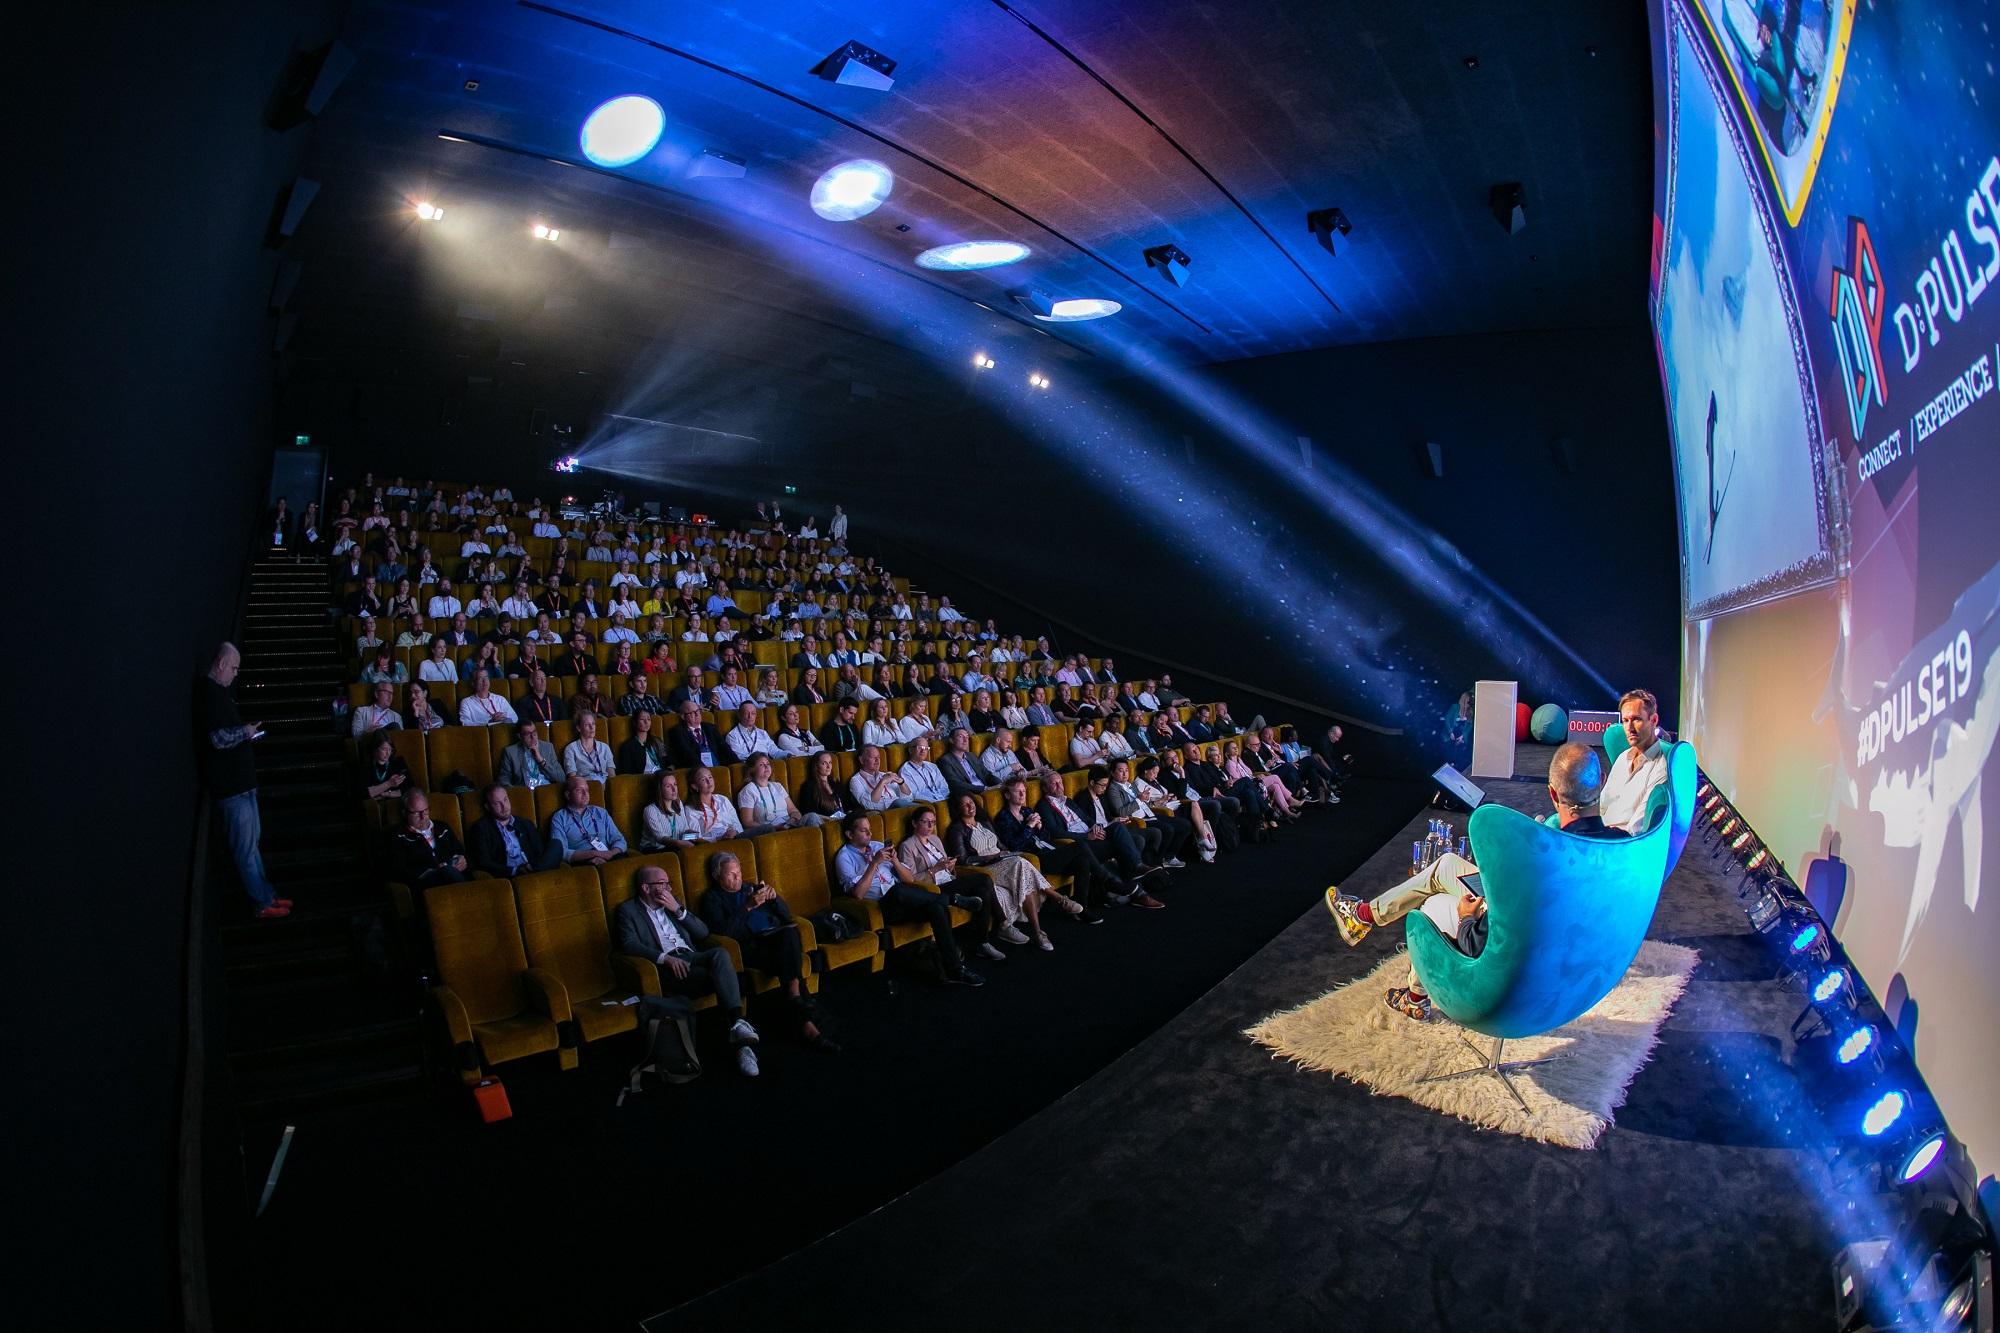 Blick auf Zuschauer während eines Vortrags auf der D:PULSE